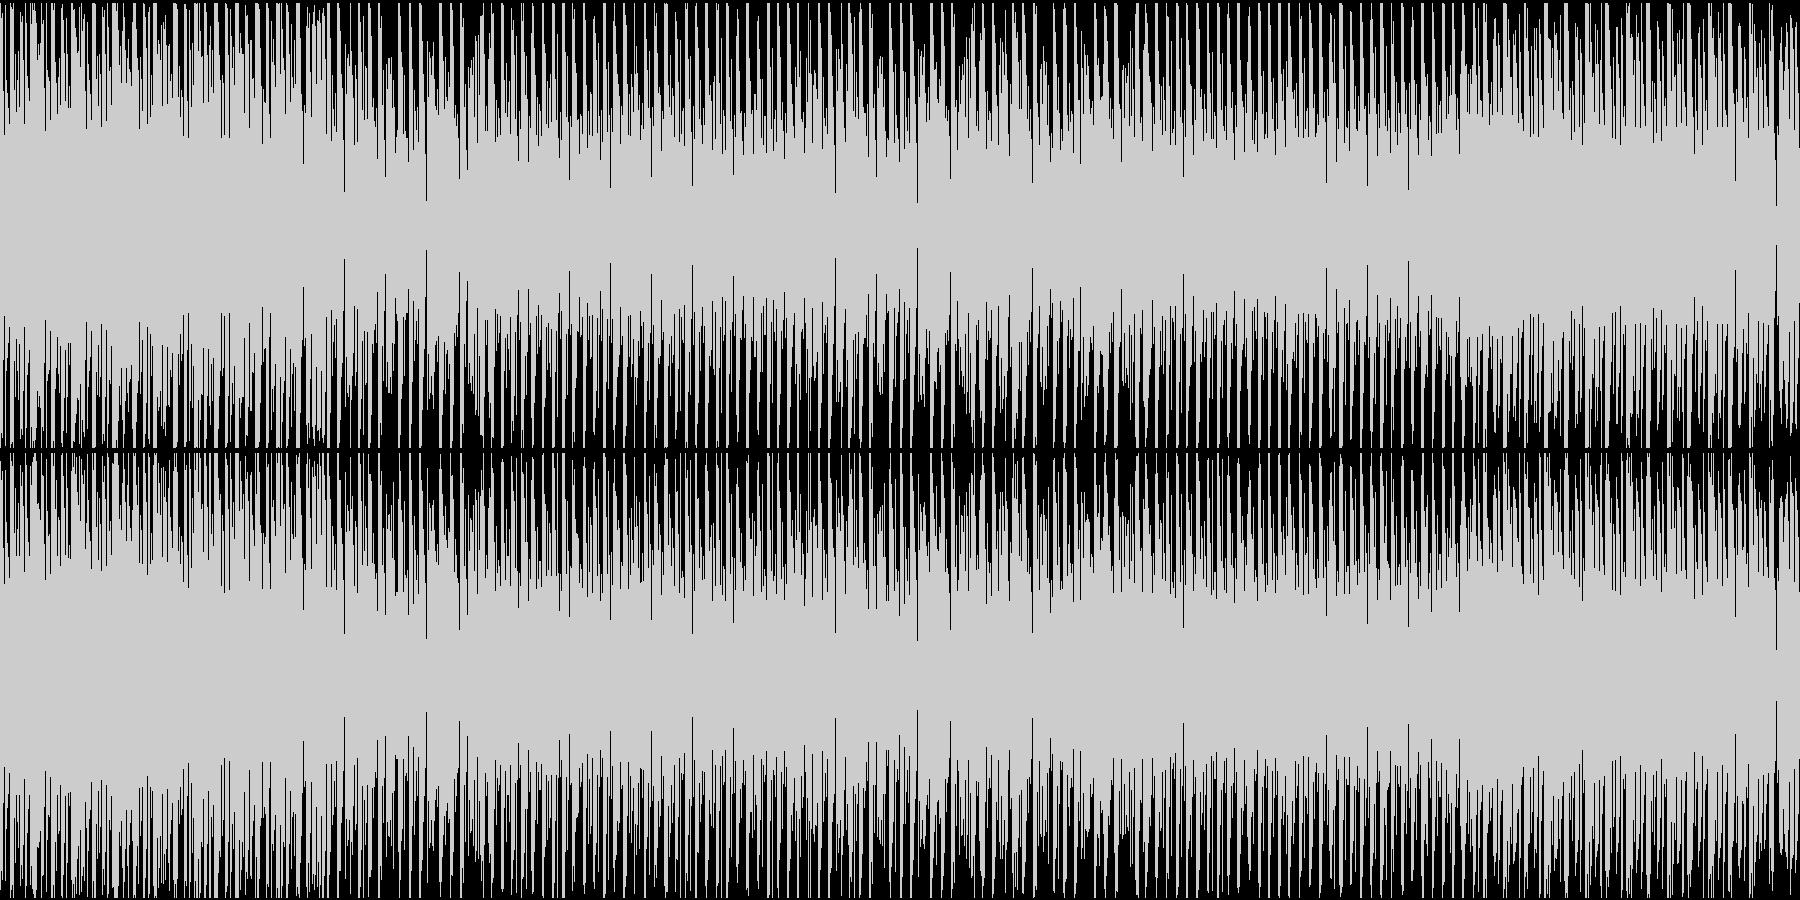 チップチューンでラテン系ループ、夏、海。の未再生の波形